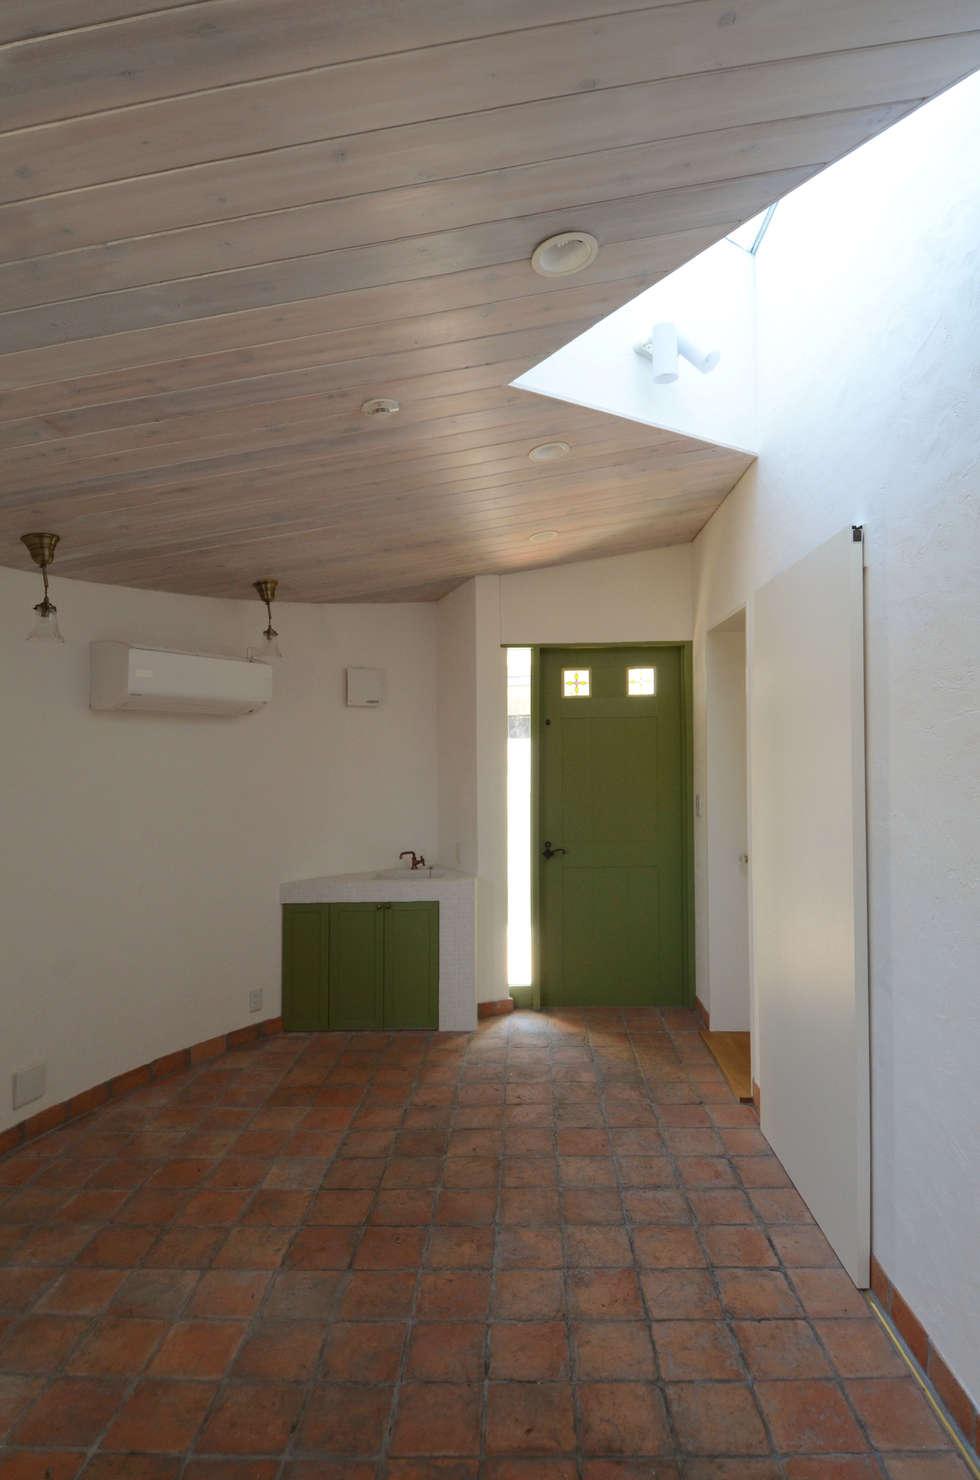 華道教室: 中川龍吾建築設計事務所が手掛けた和室です。